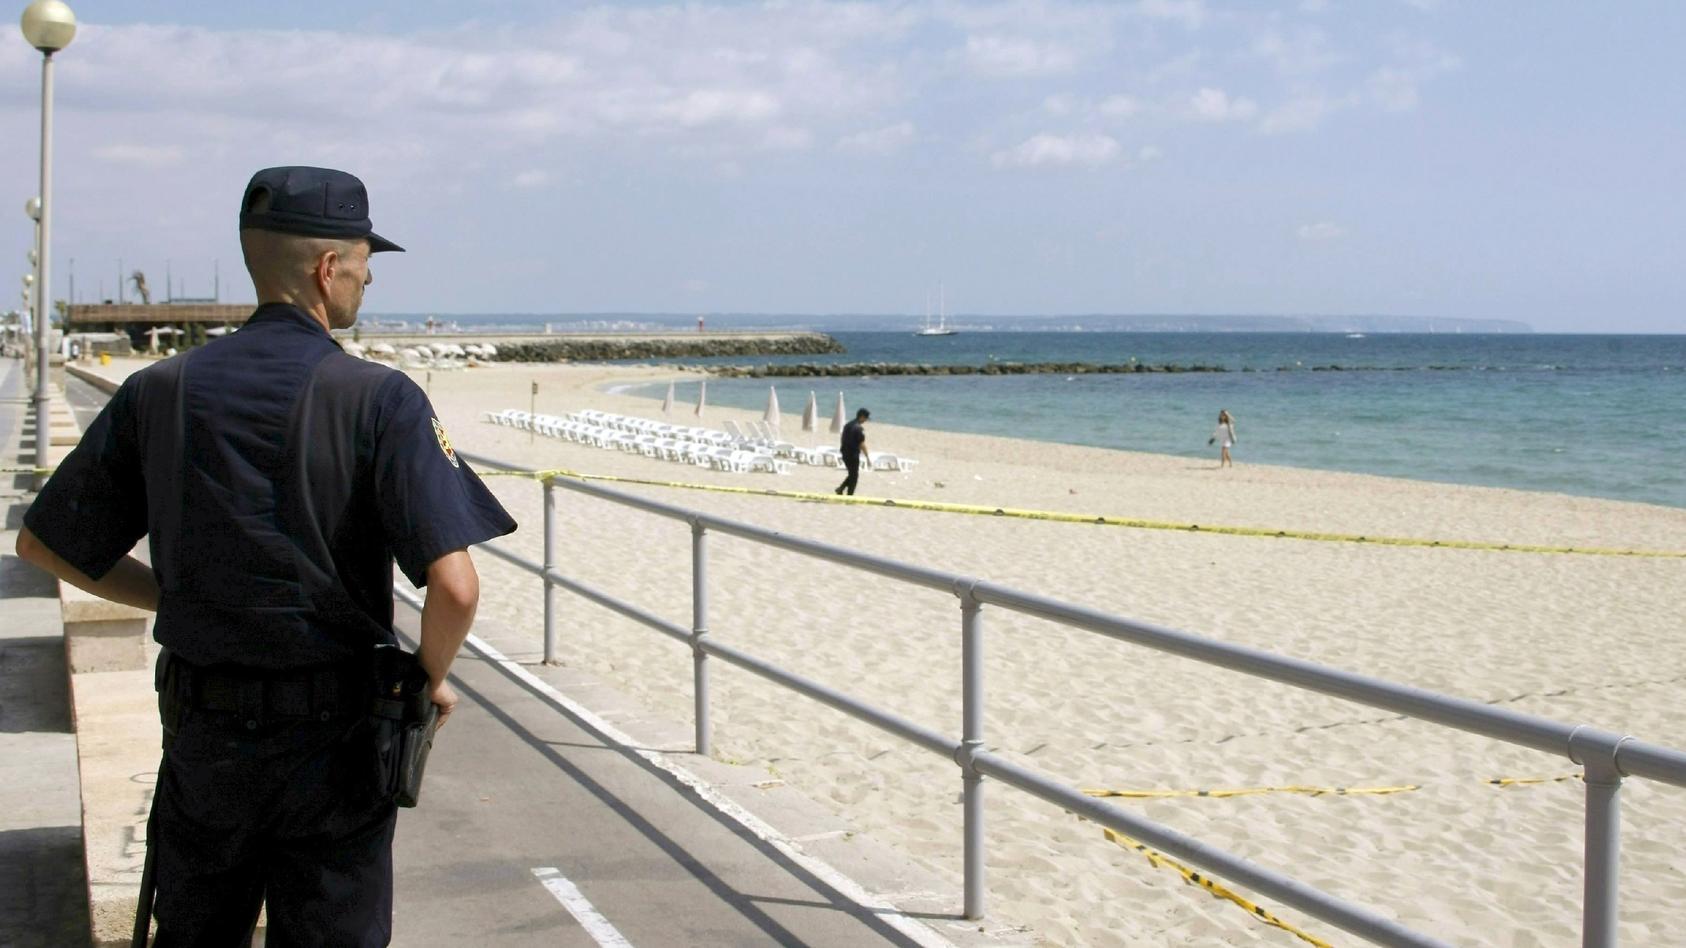 Terrorgefahr auf Mallorca: Spanier verärgert über falsche Meldungen.